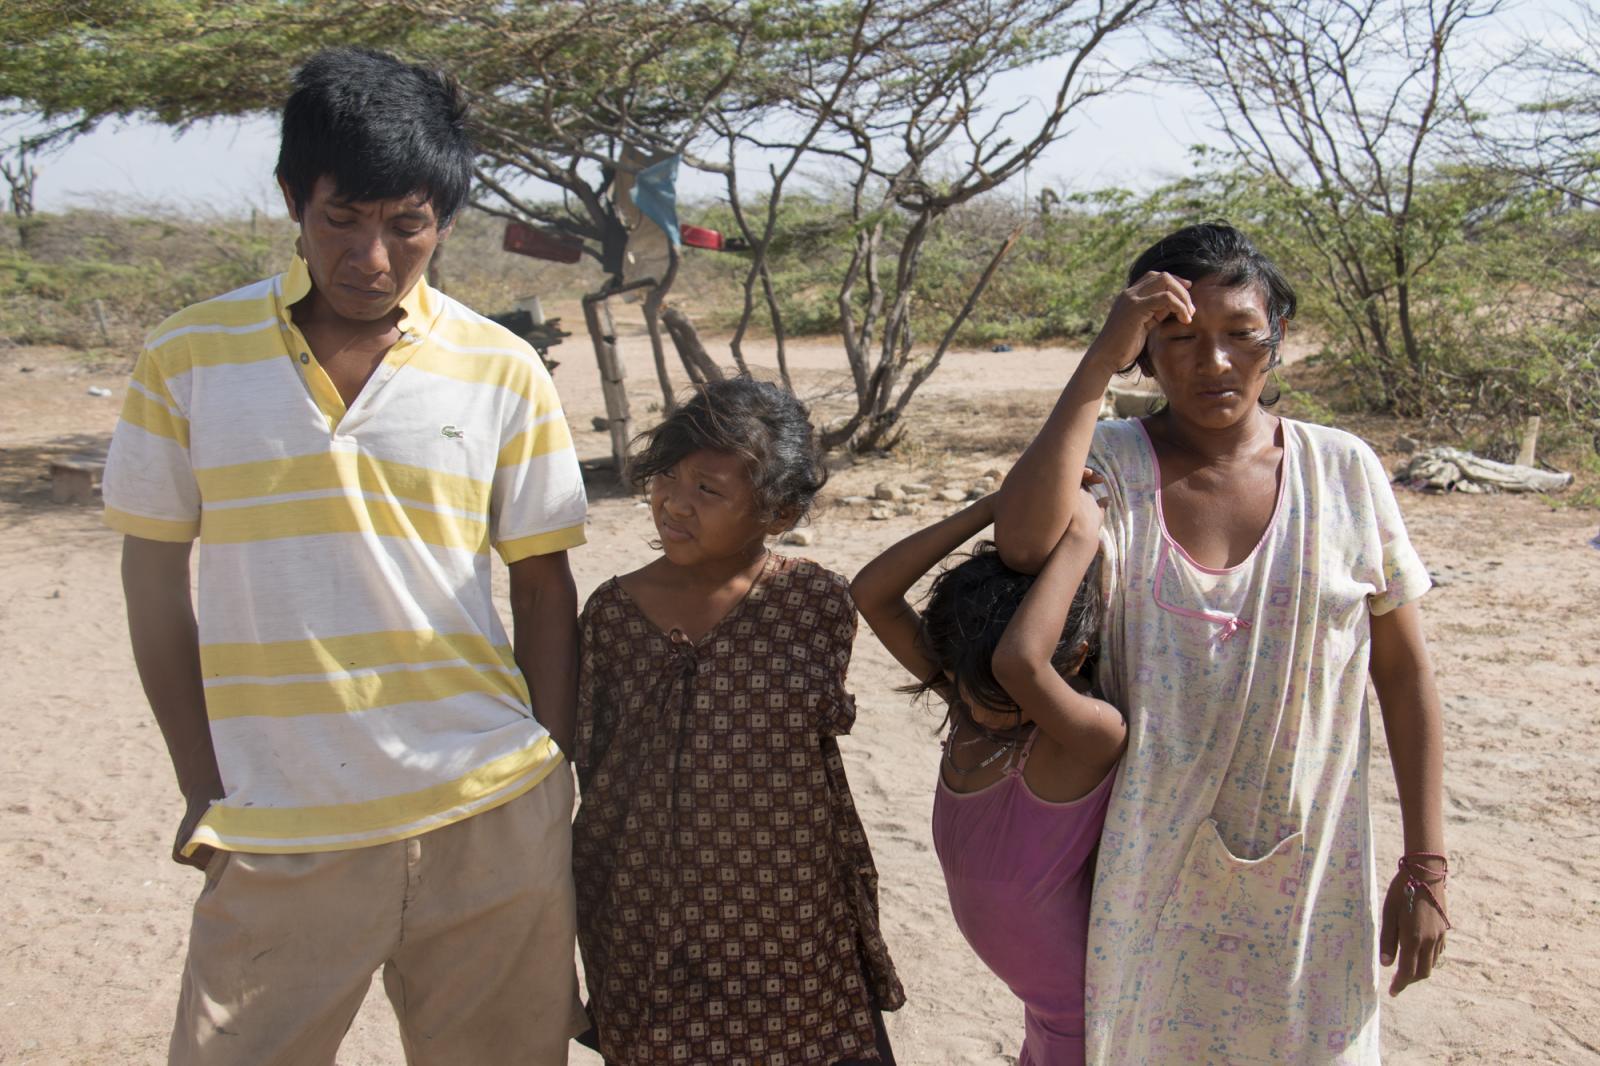 Retrato de la familia González en su casa, en Wayamurisirra, en la Alta Guajira venezolana. Los wayuú, etnia de la guajira venezolana, se han visto afectados por la profunda crisis que atraviesa Venezuela, confirmándose la muerte por desnutrición de dos niños hermanos.